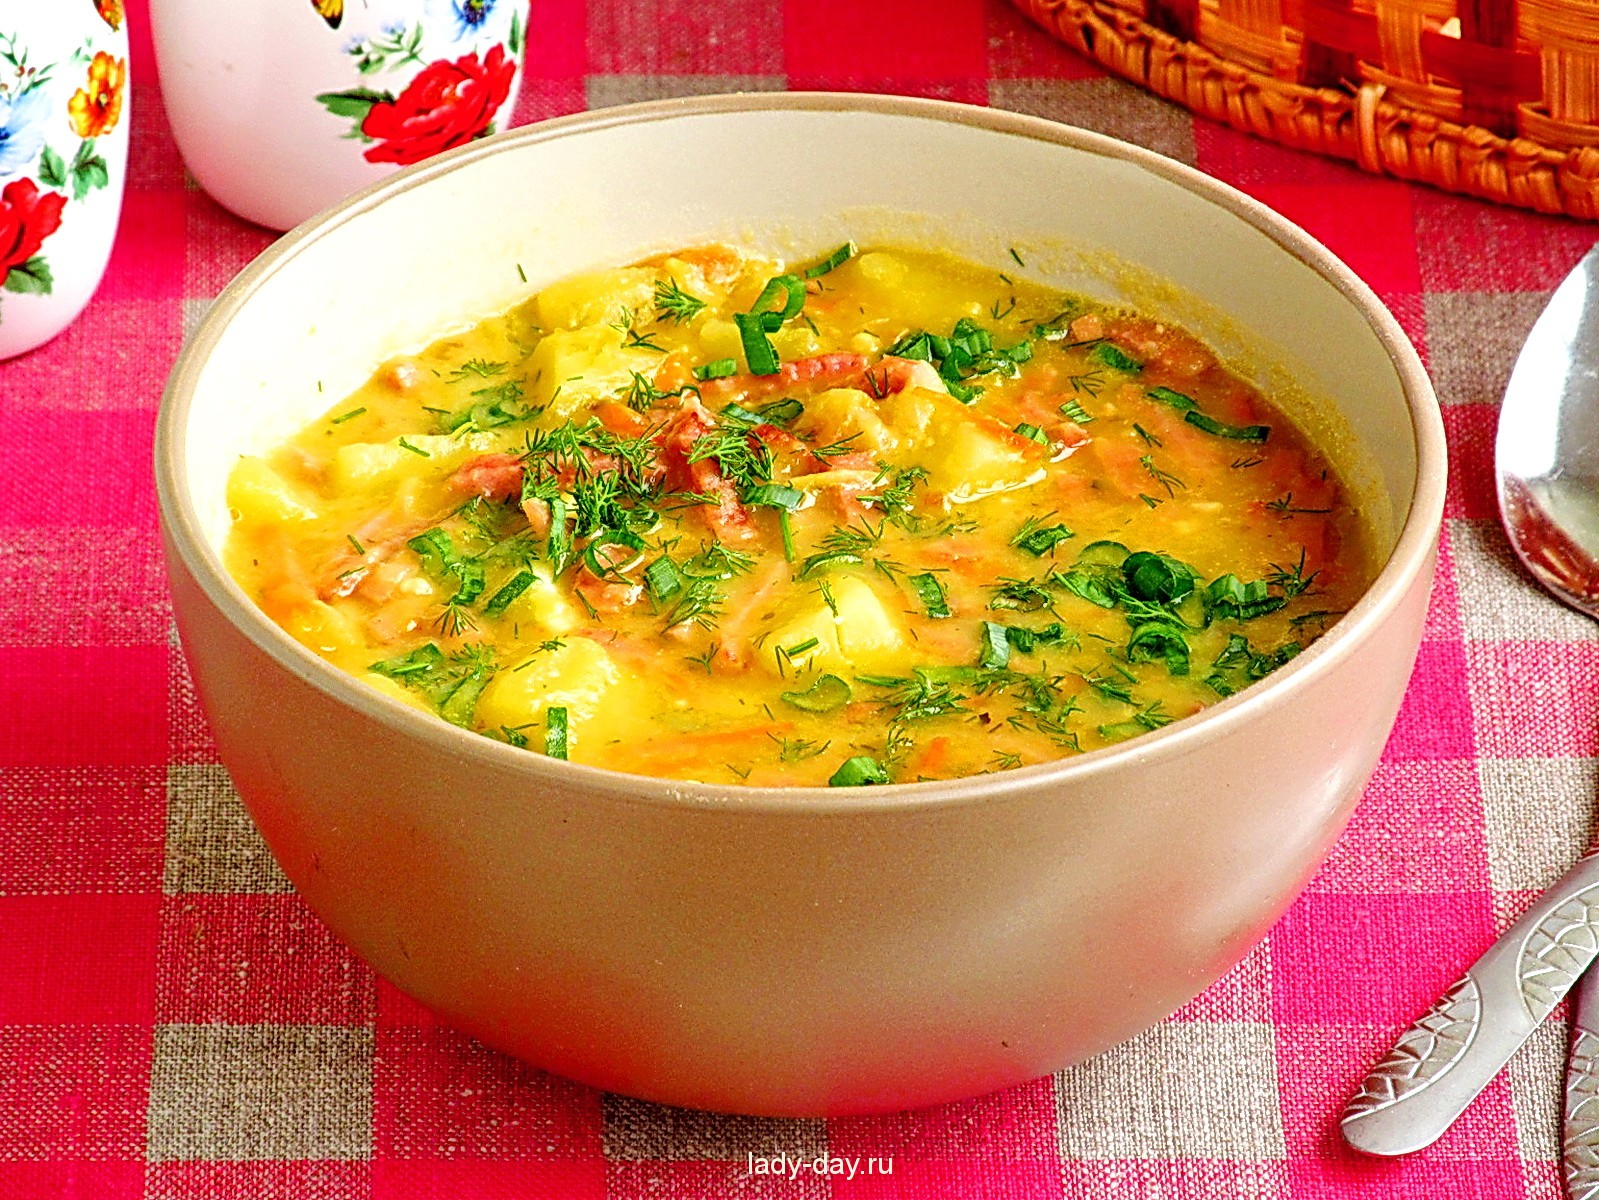 Рецепт горохового супа с копченой колбасой пошагово в